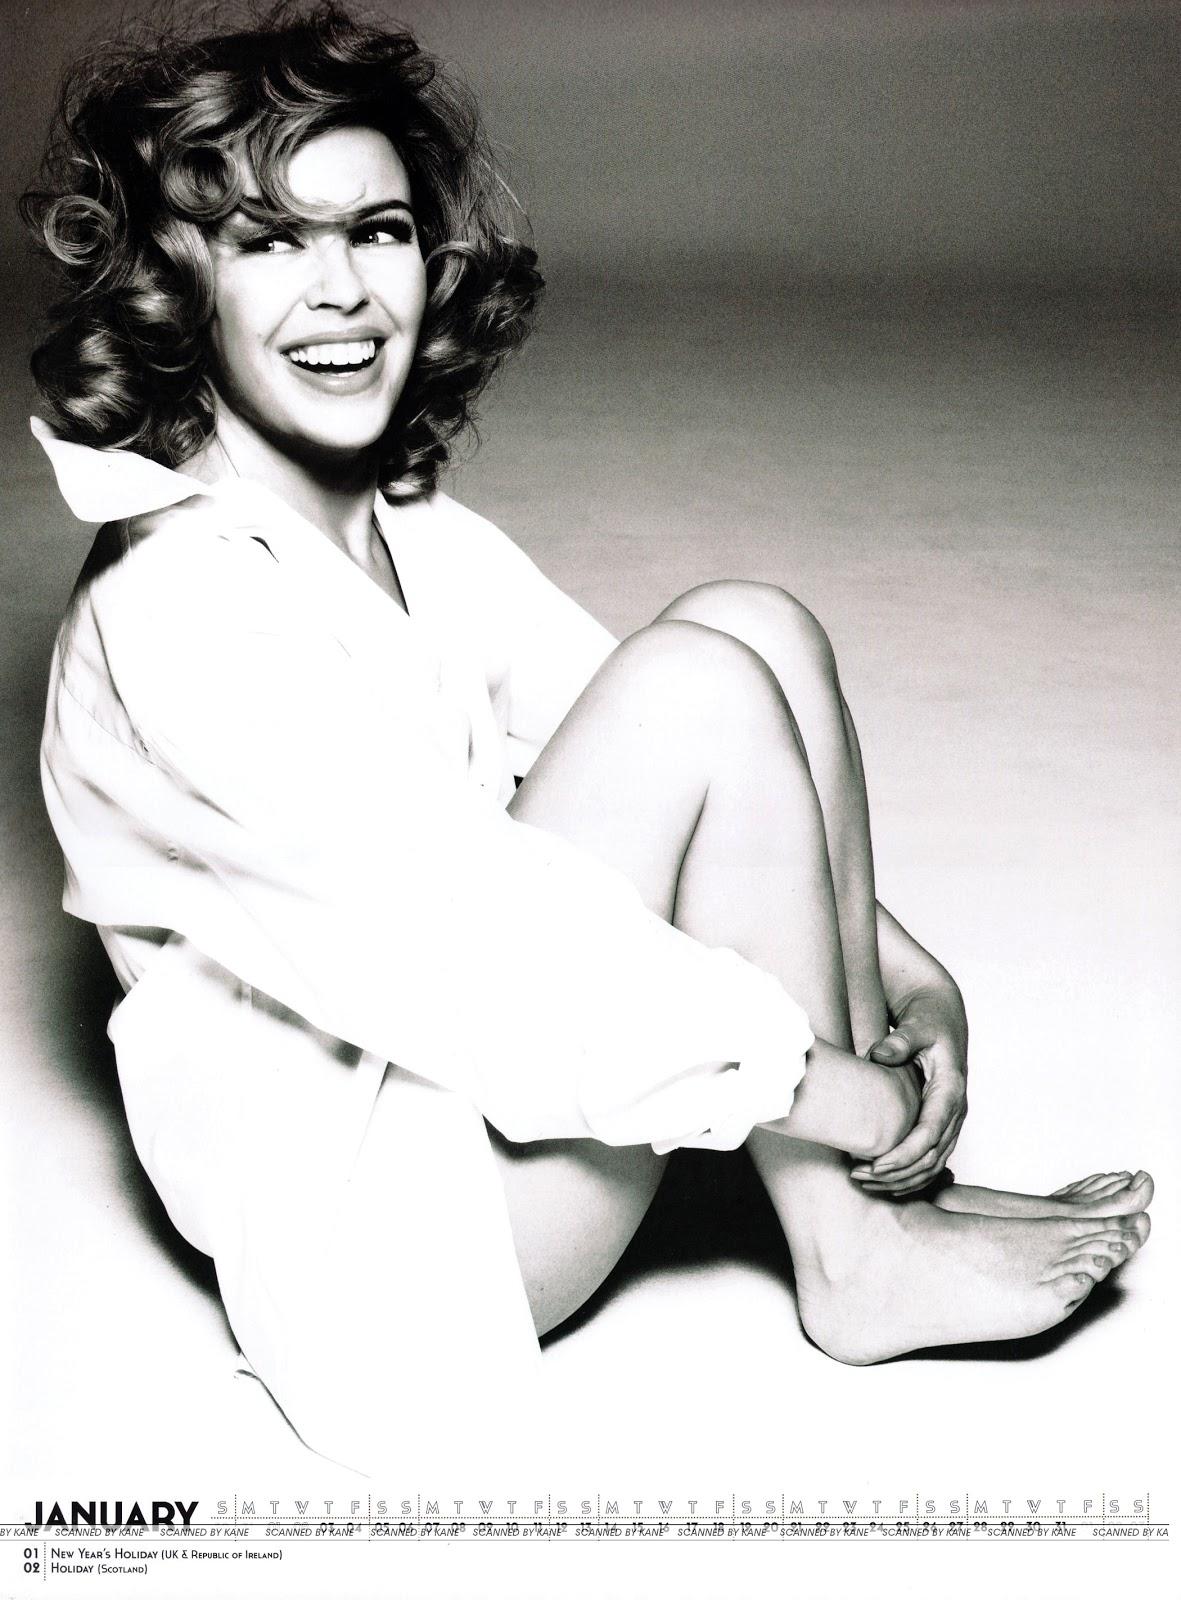 http://3.bp.blogspot.com/-QxxoxfO3lZU/UHv_y-1gYZI/AAAAAAAATSw/w3eBUT9dCWs/s1600/Kylie+Minogue+-+Official+2013+Calendar+-02.jpg